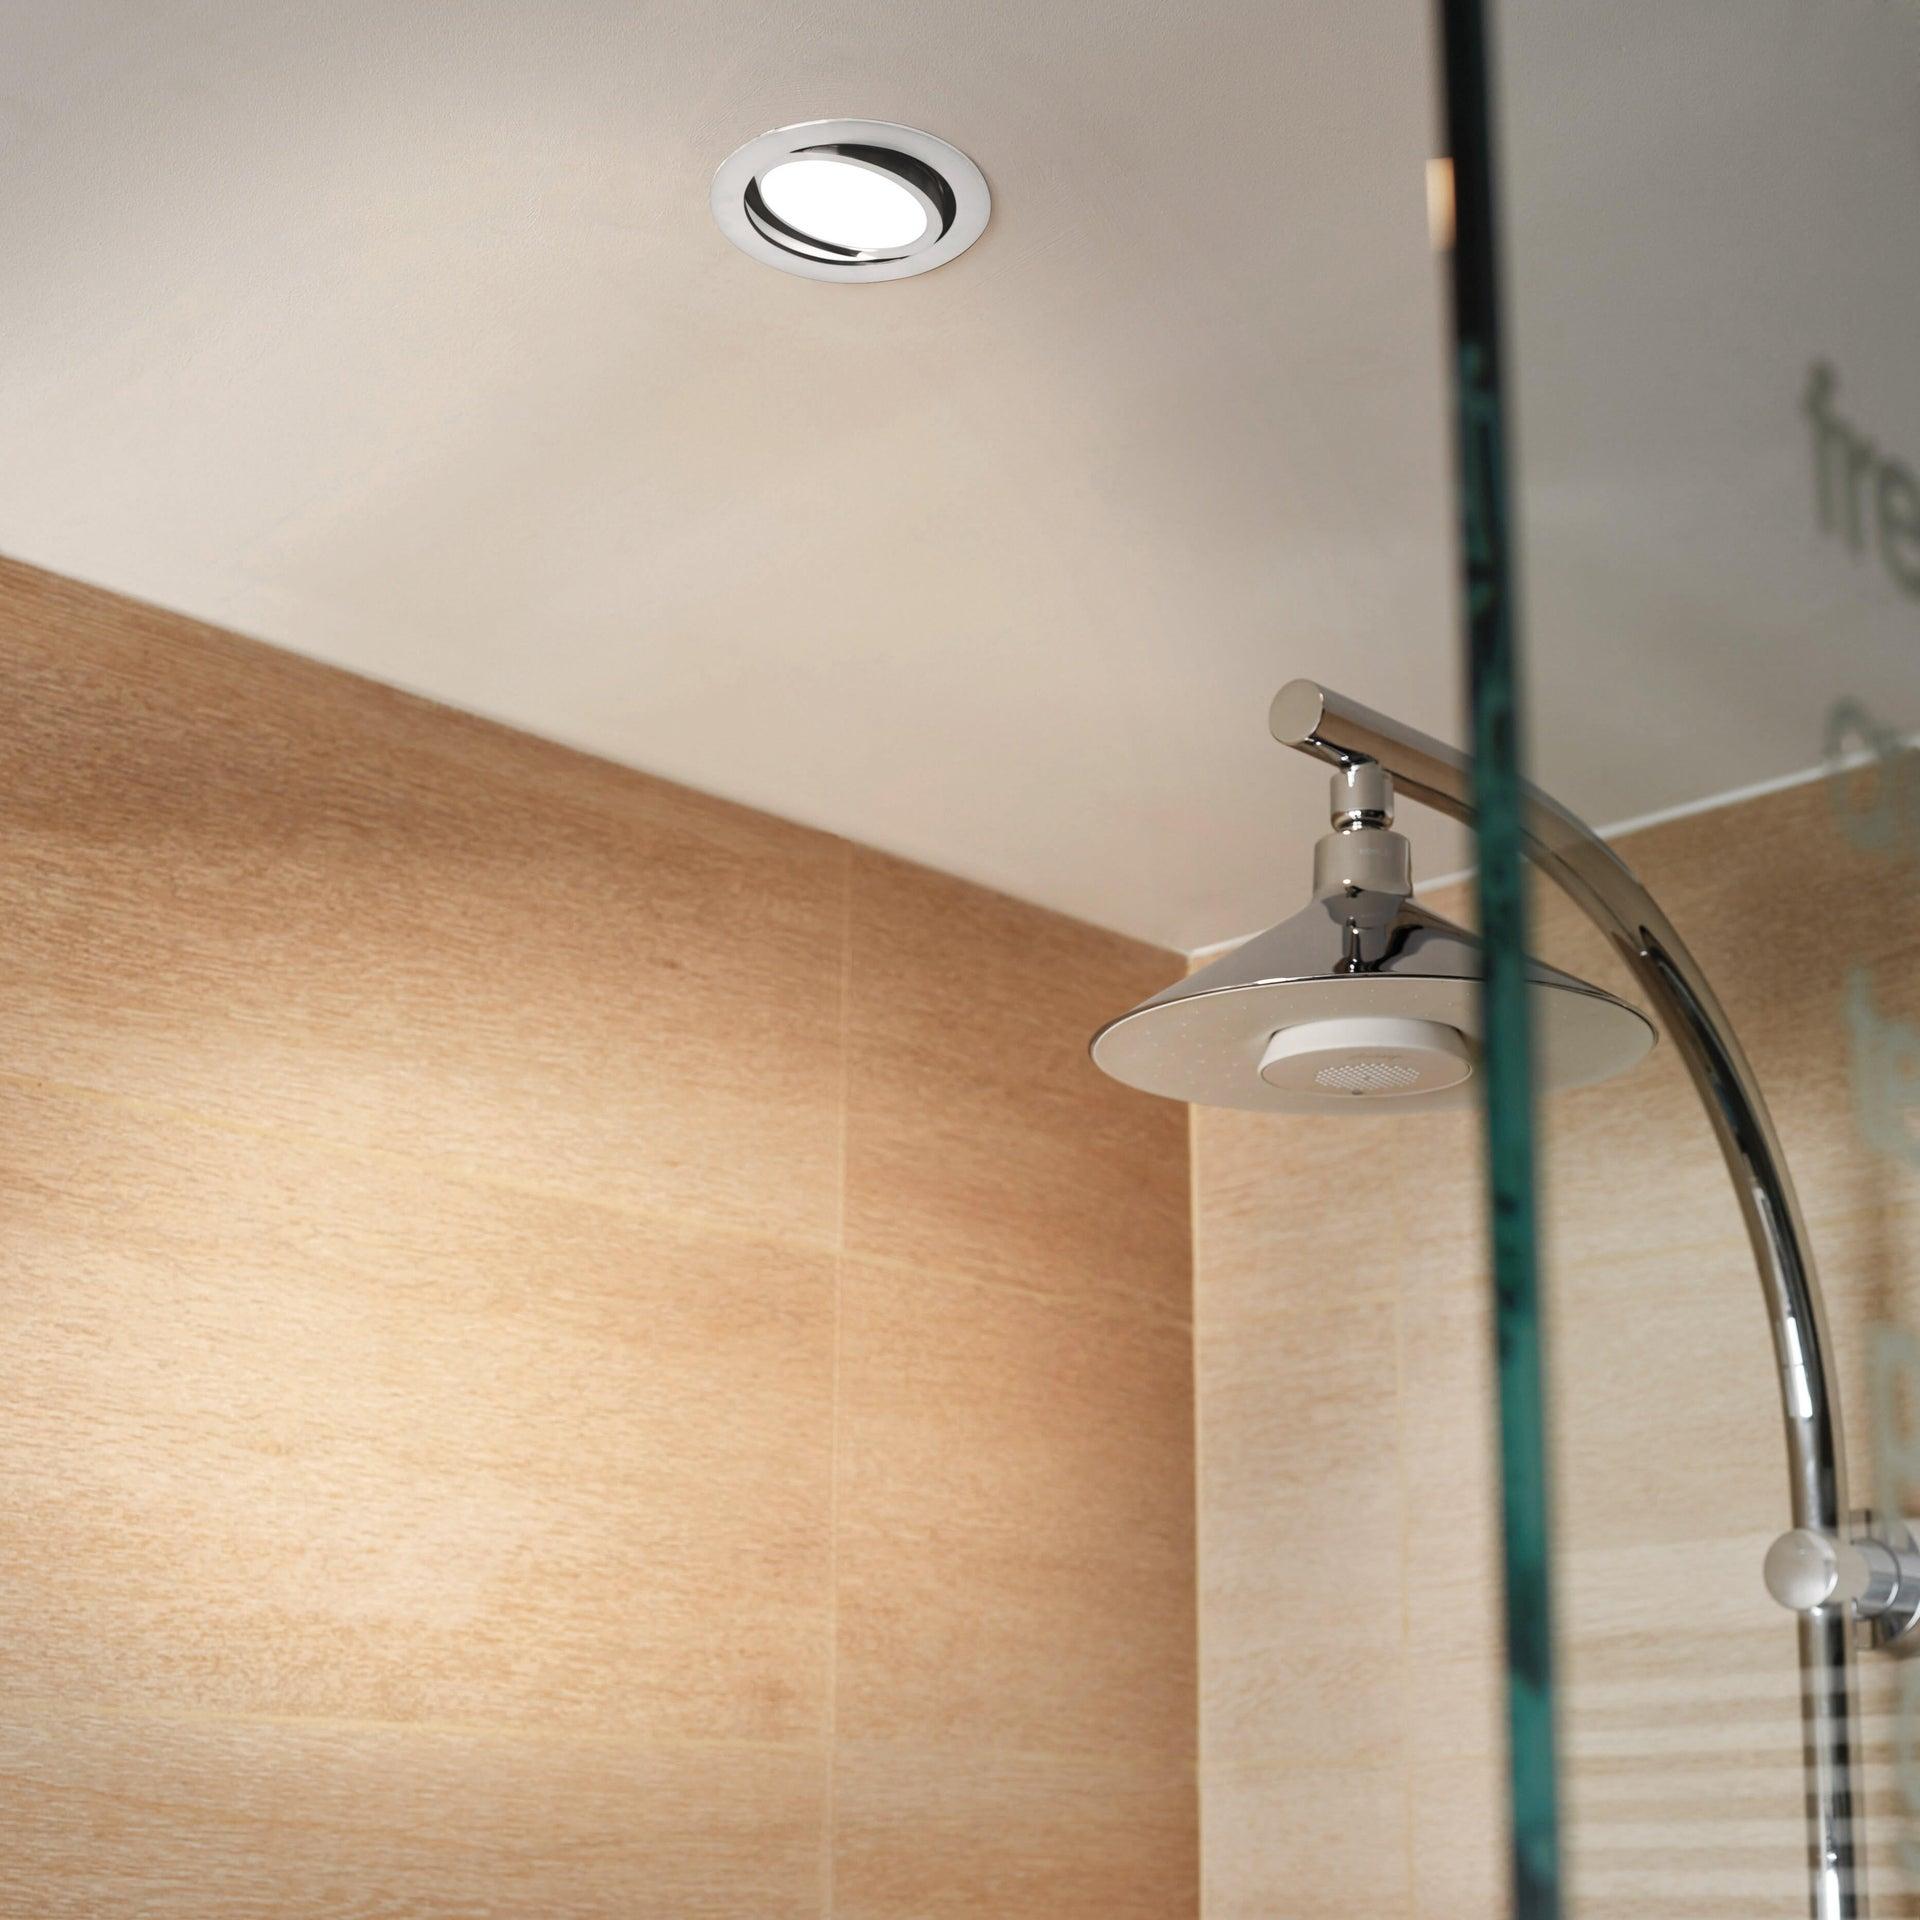 Faretto orientabile da incasso tondo Lindi in Alluminio bianco, diam. 9 cm LED integrato 500LM IP65 INSPIRE - 2